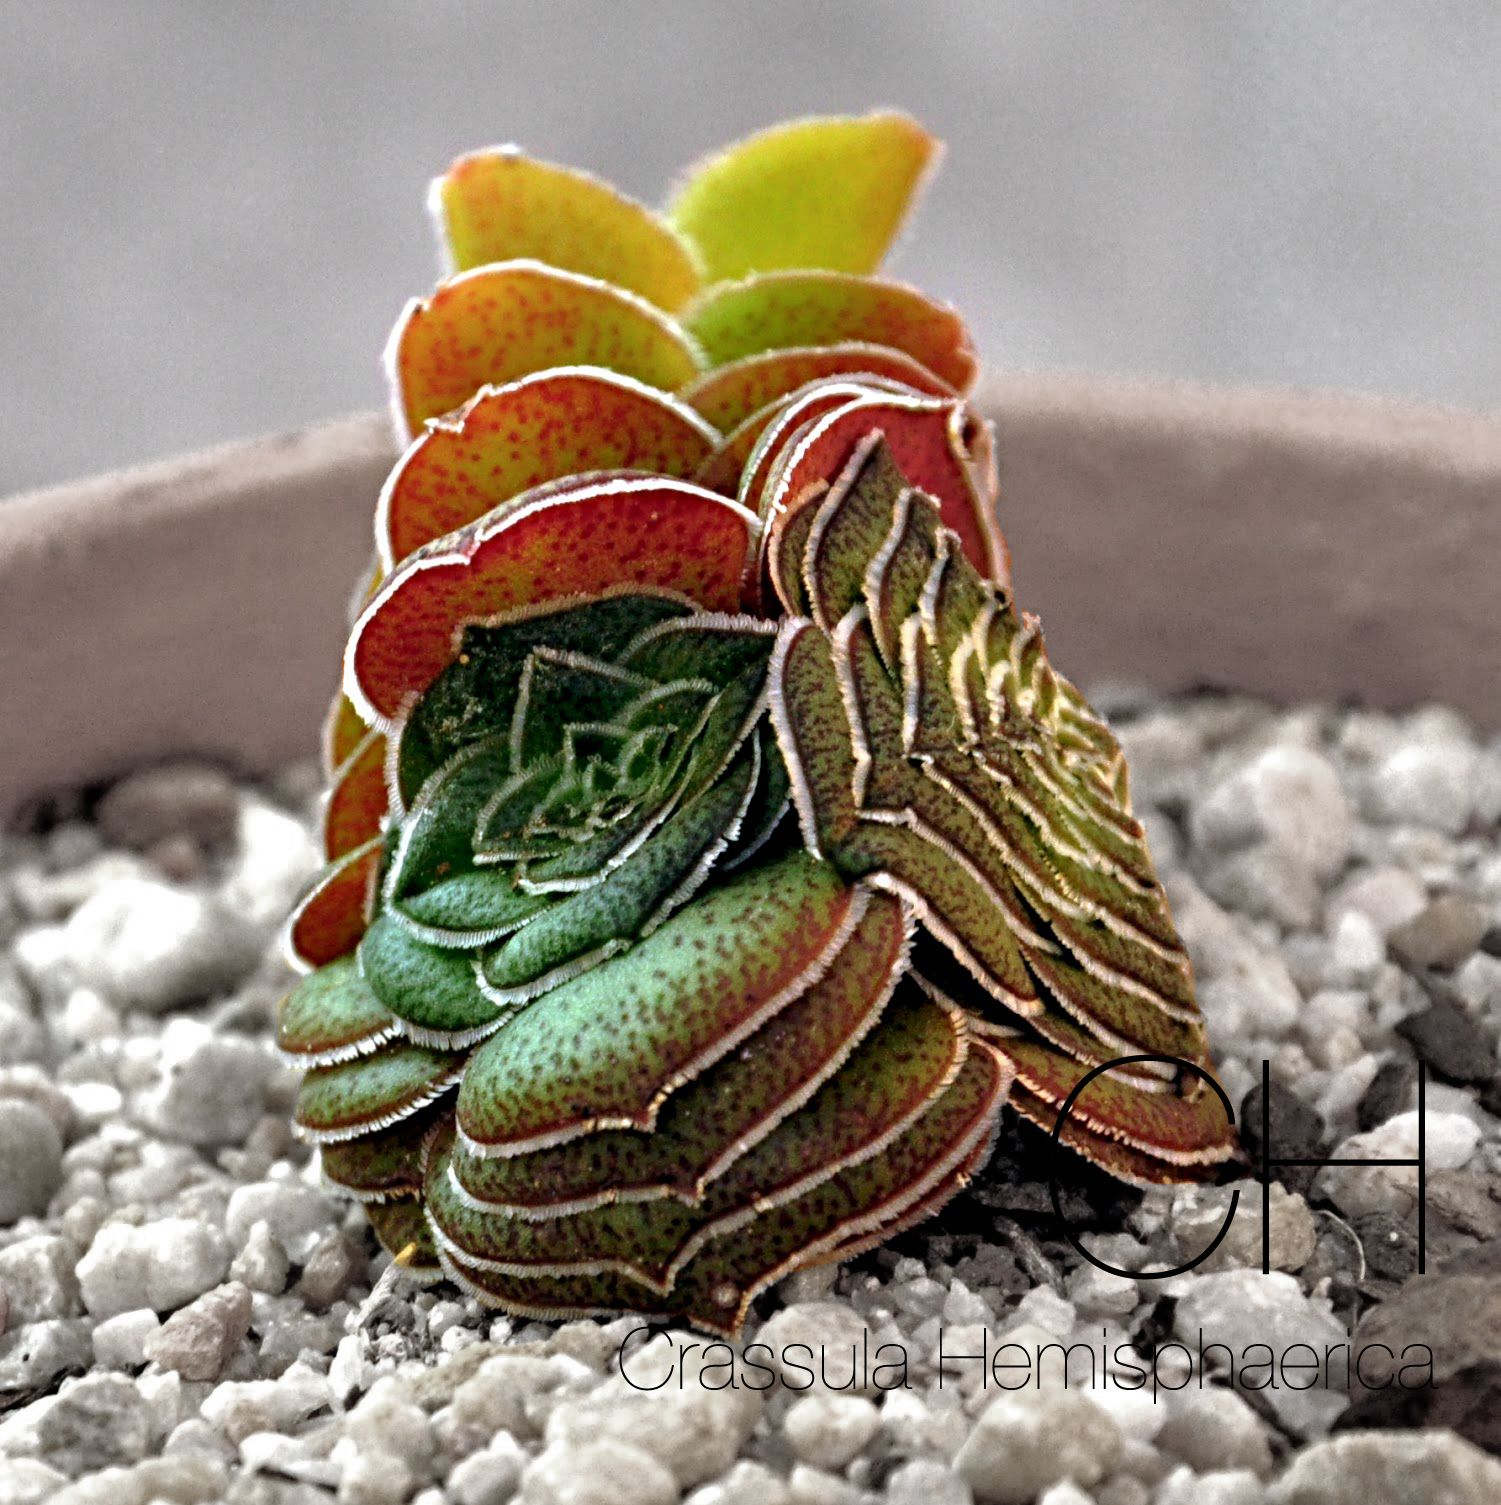 Crassula Hemisphaerica Kaktuse Sukkulenten, Kakteen und sukkulenten und Blumen pflanzen ~ 14014347_Sukkulenten Ableger Pflanzen